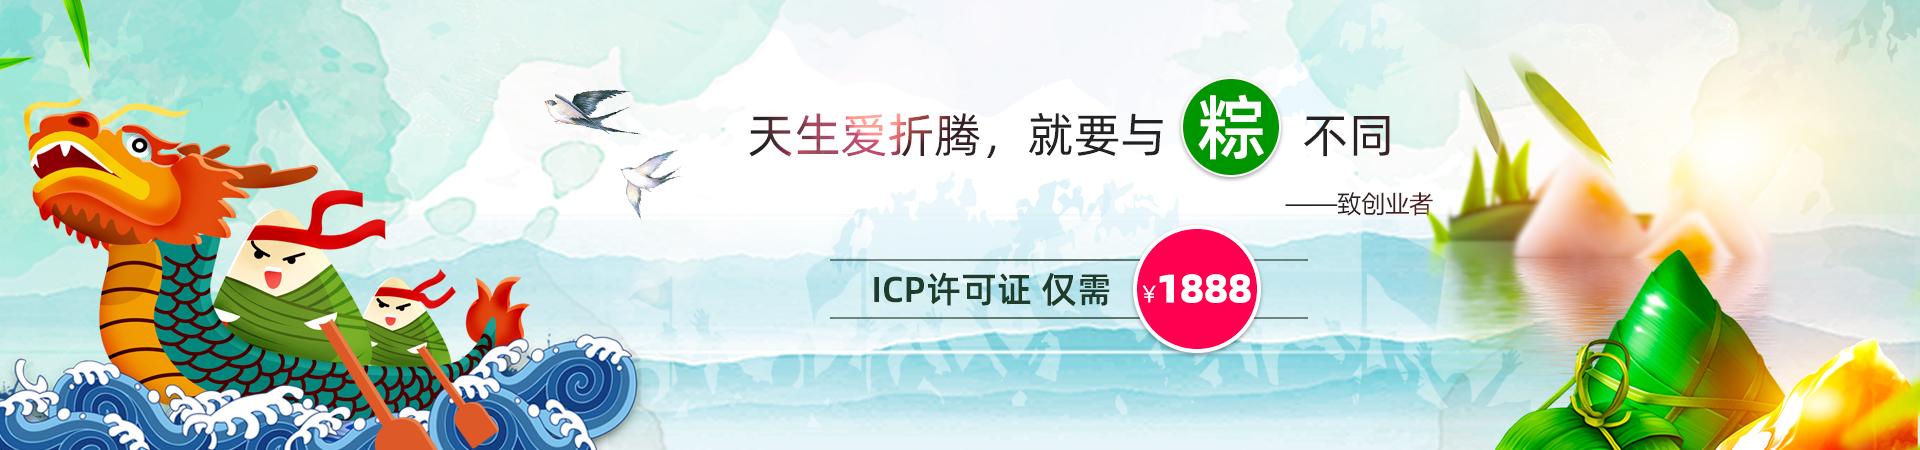 端午節ICP許可證